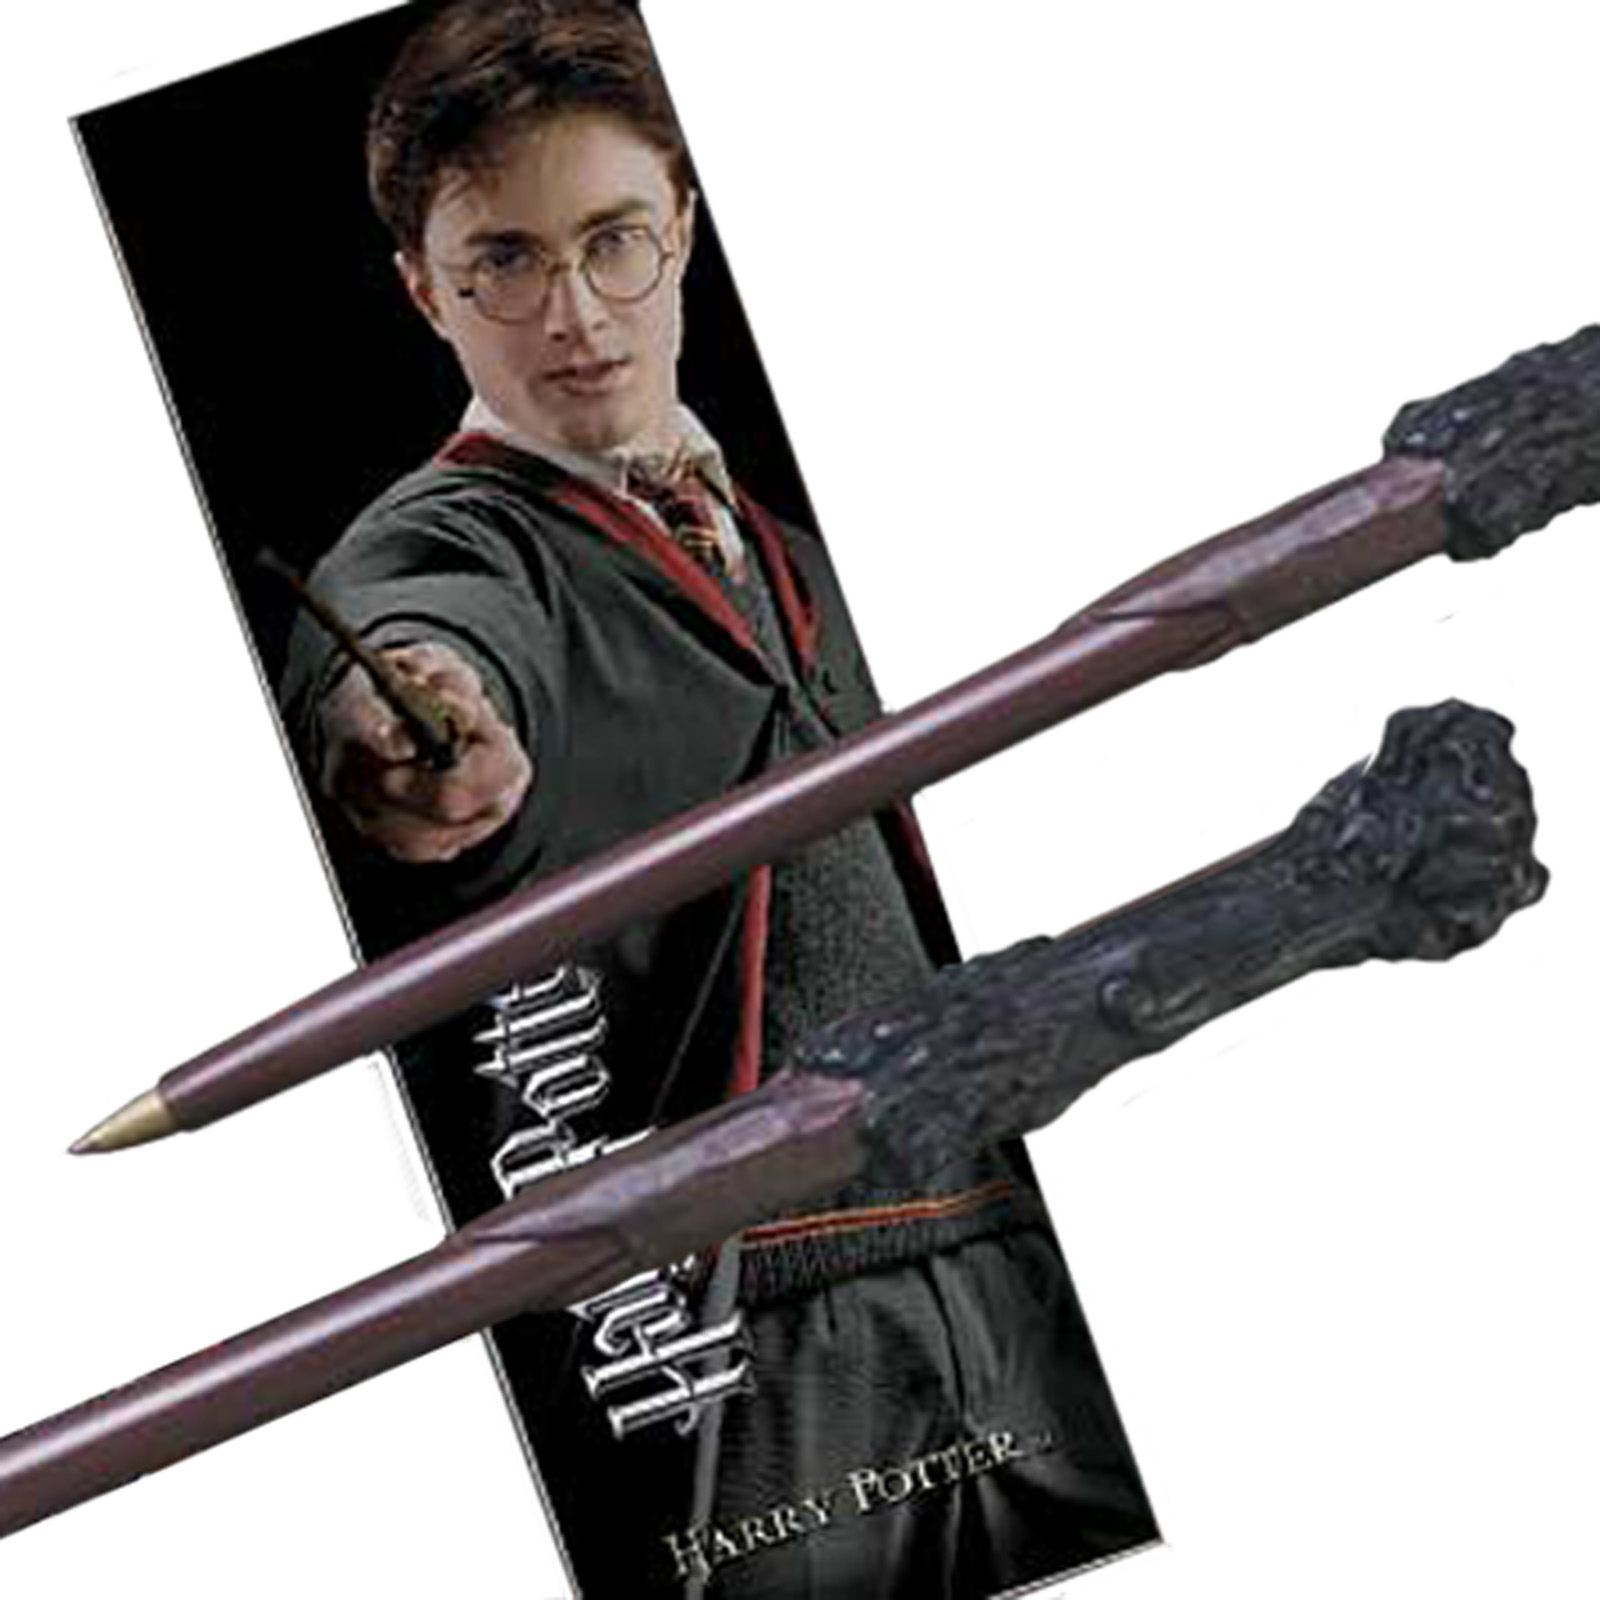 Harry Potter Zauberstabstift & Lesezeichen